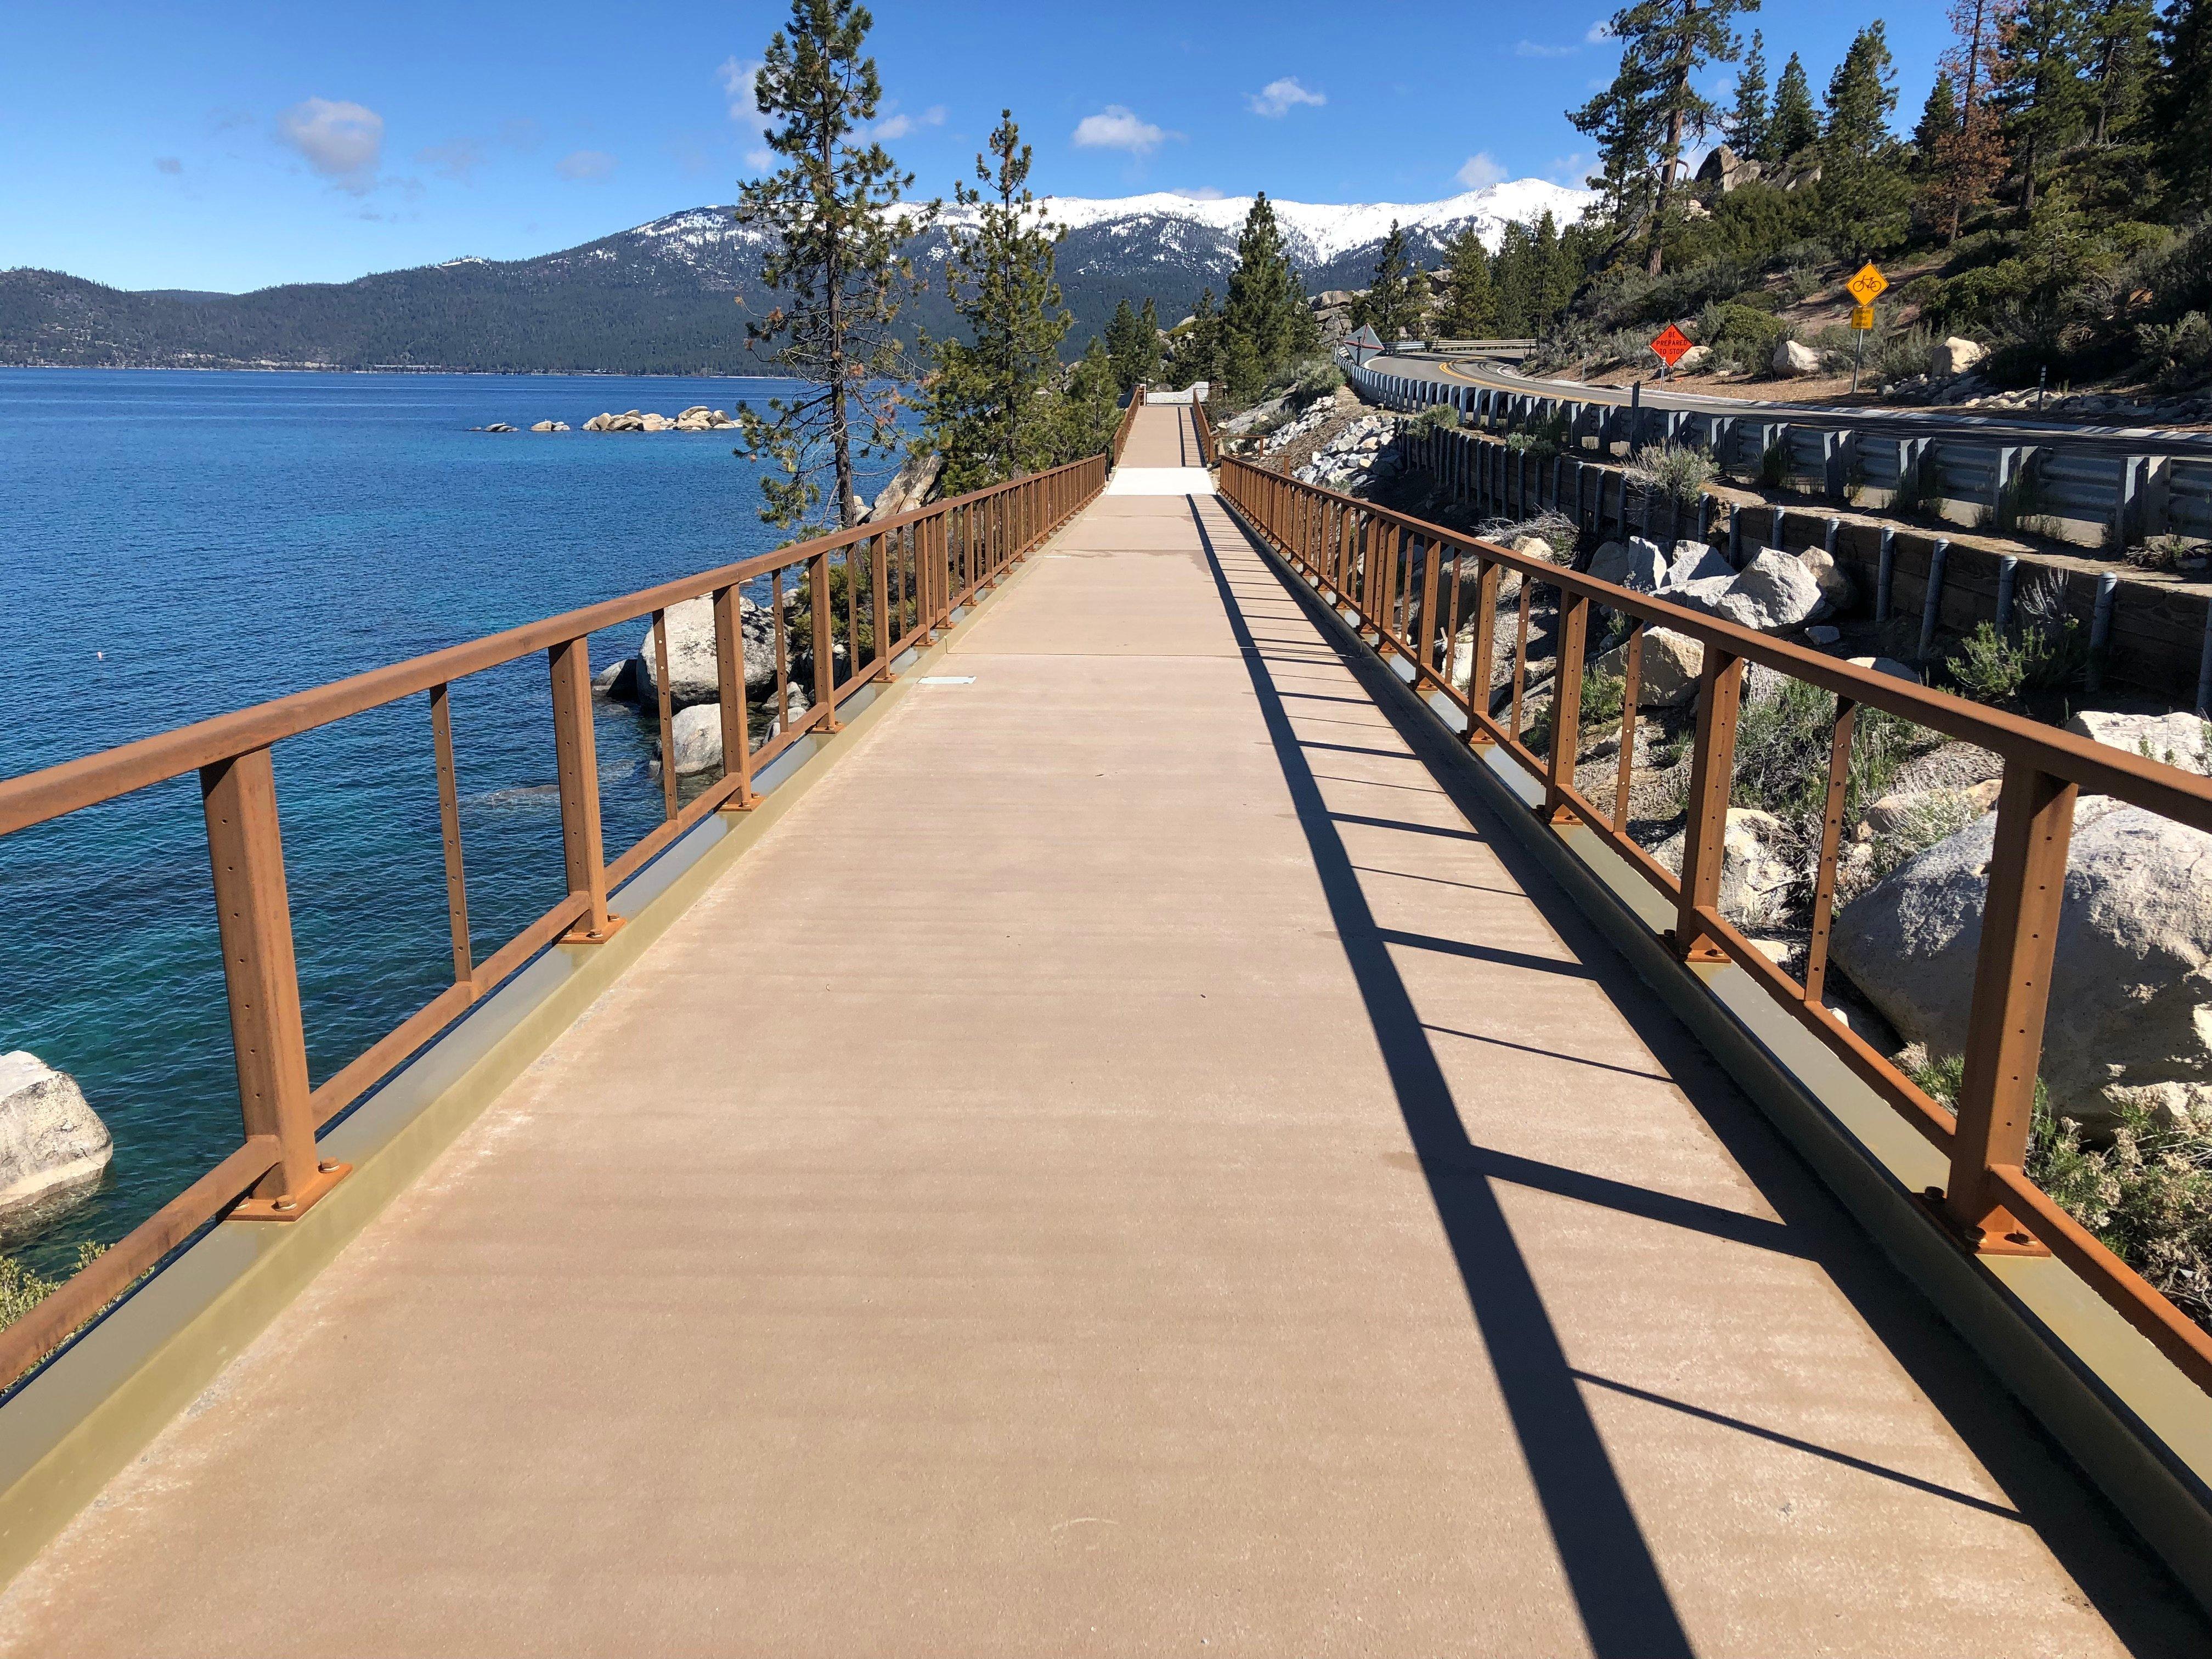 Lake Tahoe FRP Pedestrian Bridges